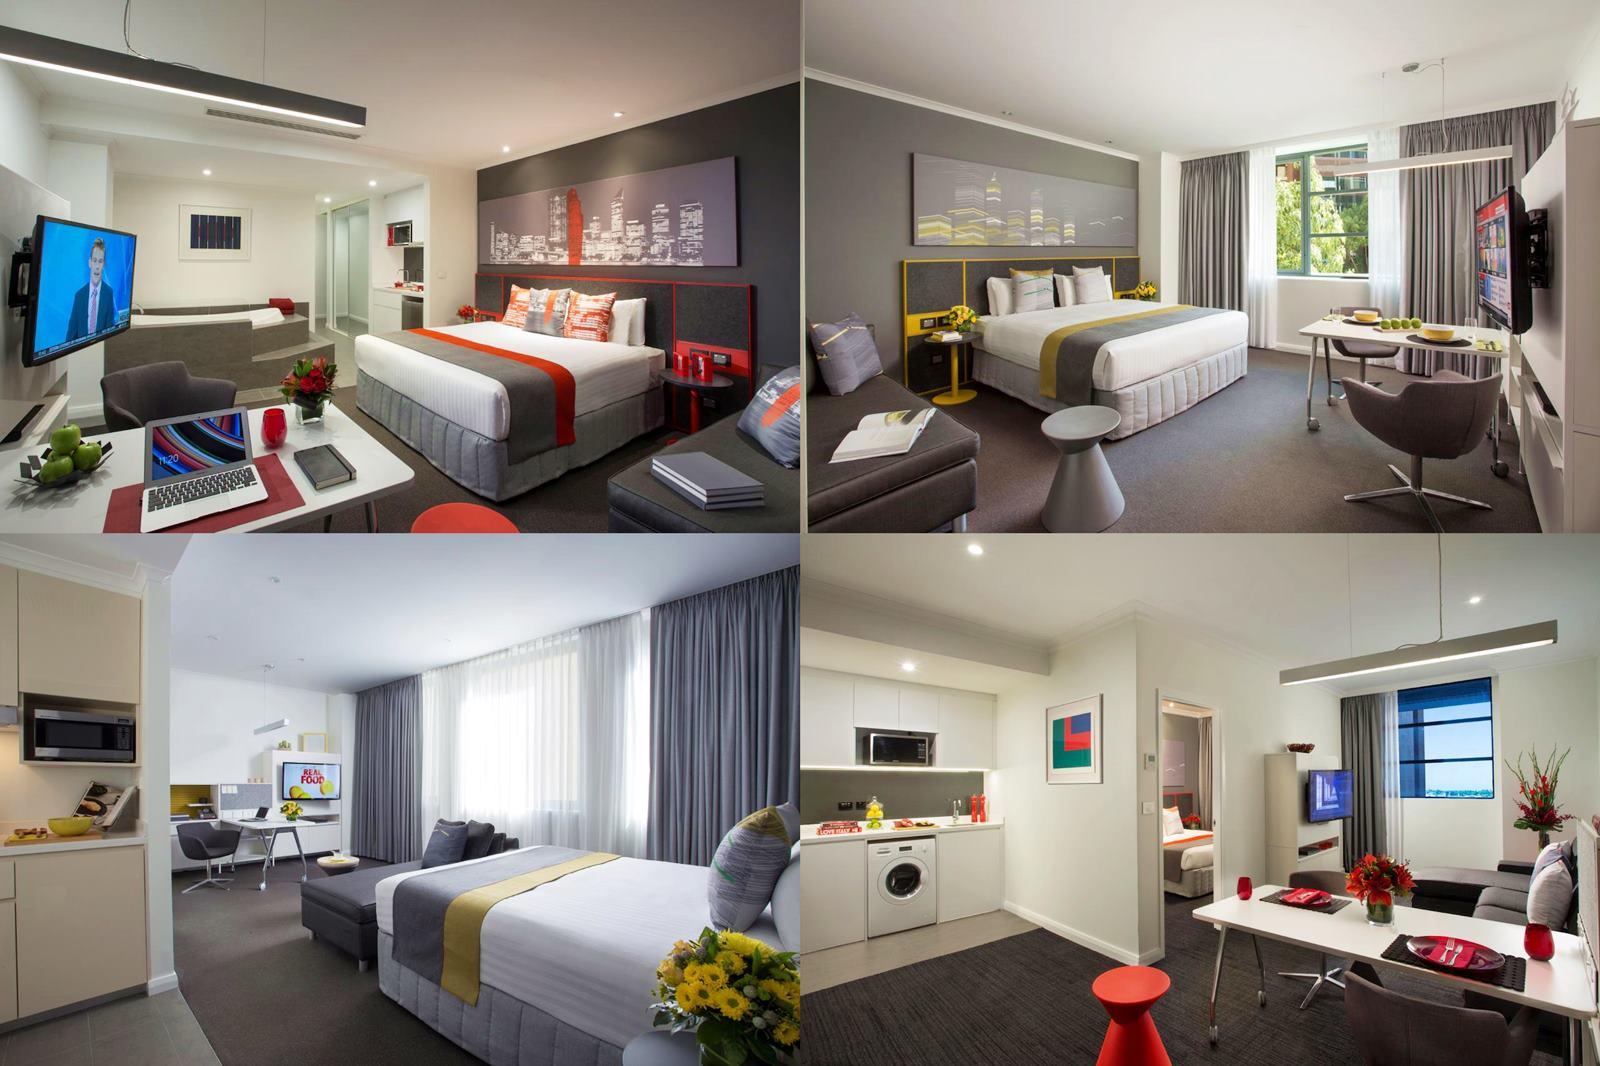 伯斯-市區-住宿-推薦-飯店-旅館-民宿-酒店-公寓-馨樂庭聖喬治露台公寓酒店-Citadines St Georges Terrace-便宜-CP值-自由行-觀光-旅遊-Perth-hotel